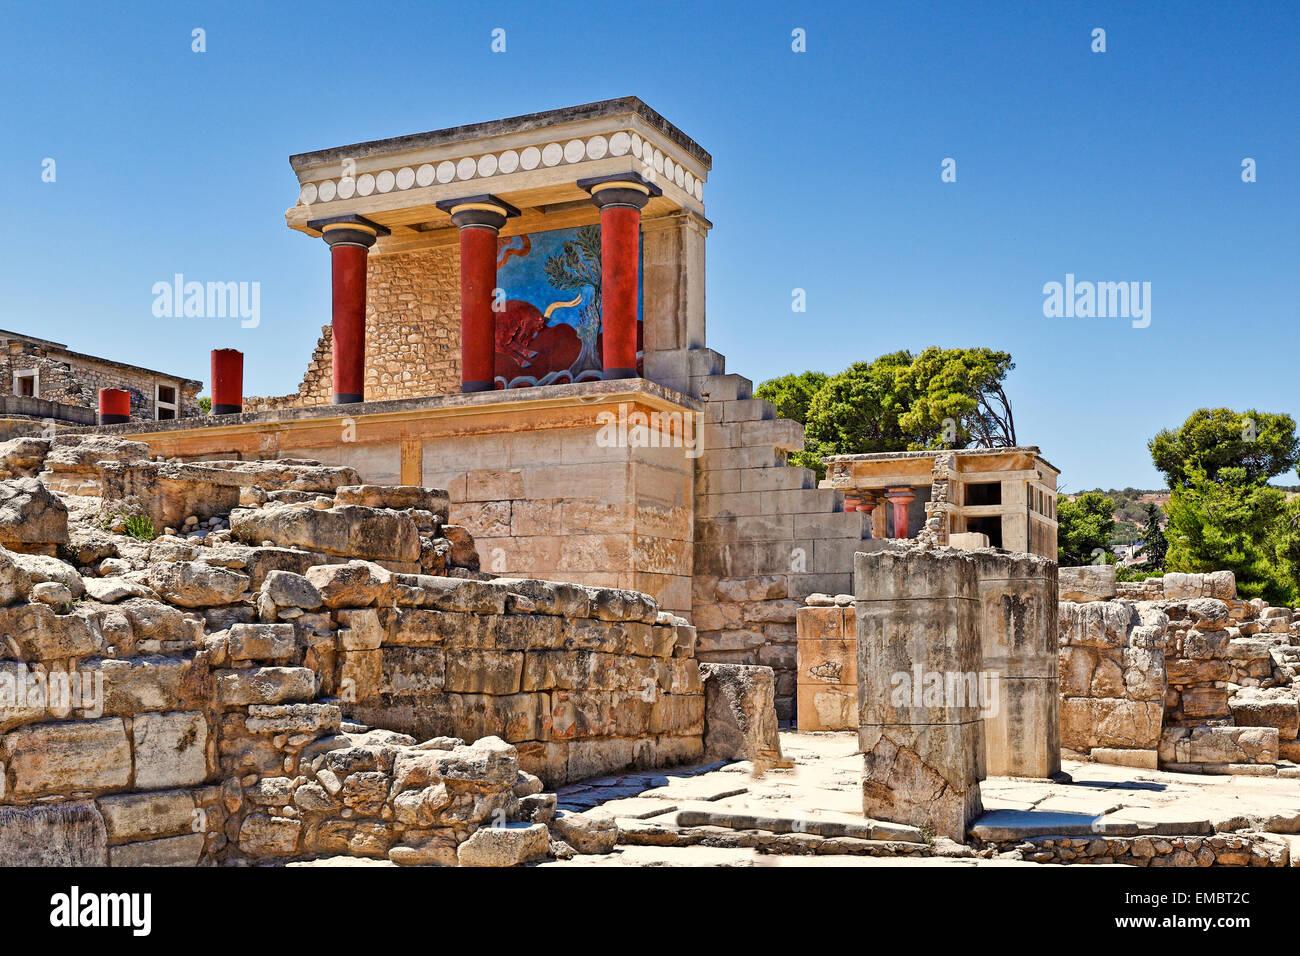 L'entrée nord du Palais avec bull charge fresque de Cnossos en Crète, Grèce Photo Stock